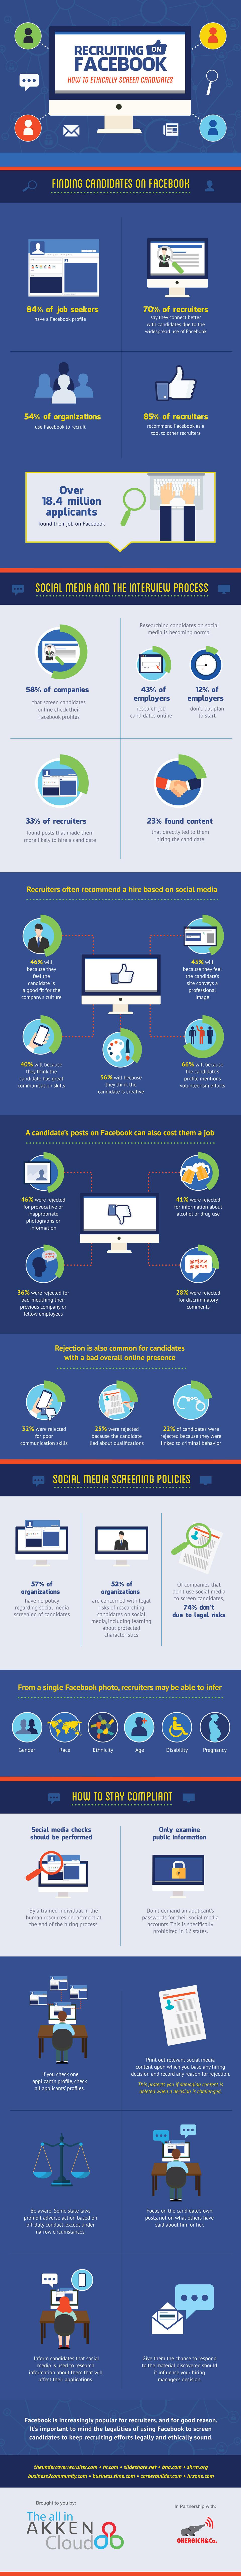 Útil guía para reclutar en Facebook